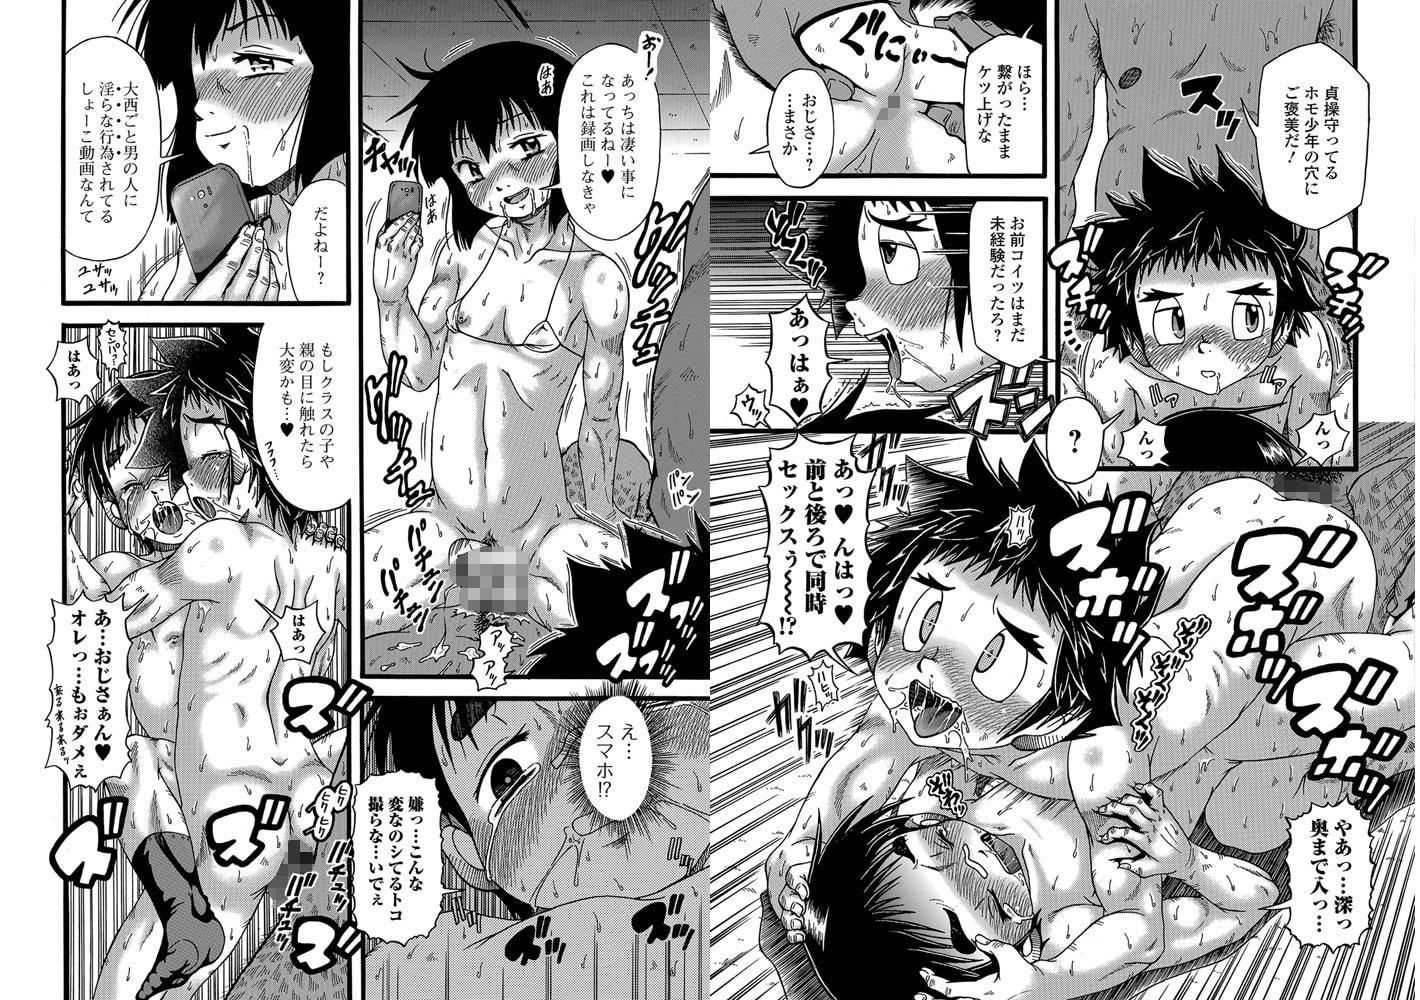 「月刊Web男の娘・れくしょんッ! S」 Vol.11~Vol.20  10巻パック